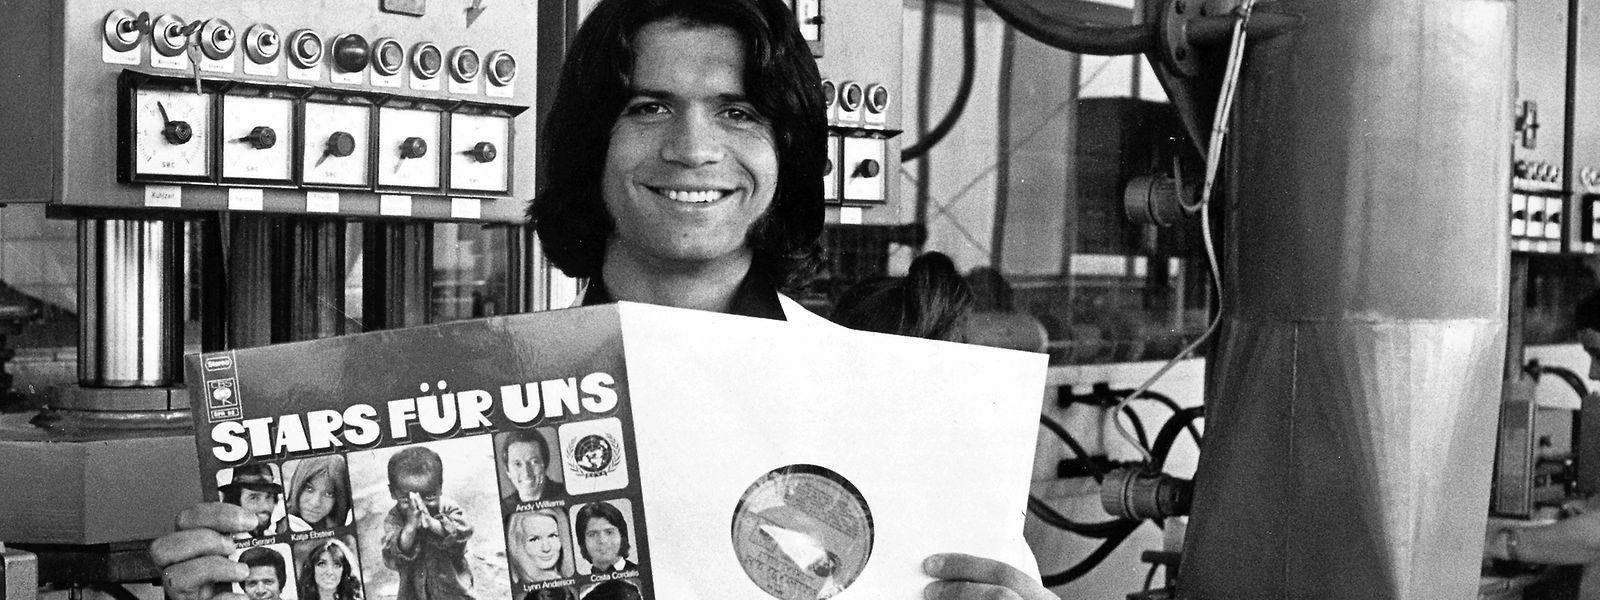 1971 im hessischen Ober-Erlenbach: Costa Cordalis präsentiert eine Langspielplatte zugunsten der Welthungerhilfe, auf der einer seiner Hits zu hören ist.